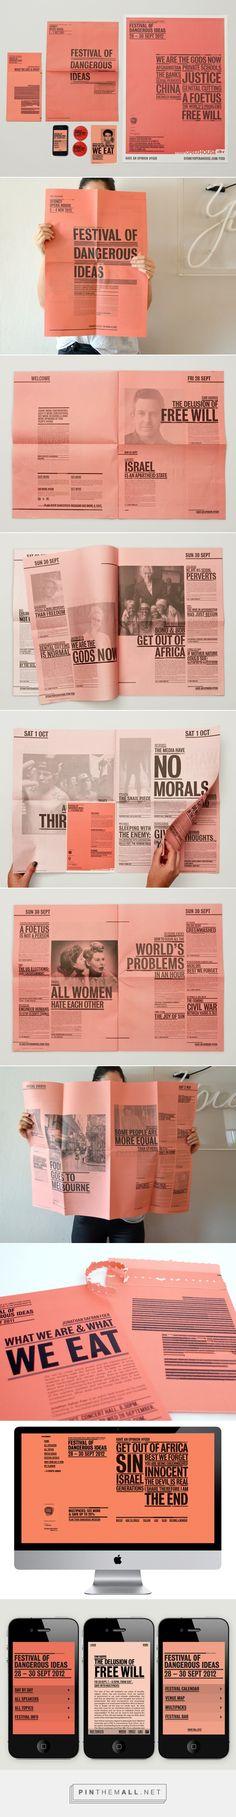 Festival of Dangerous Ideas | Designer: Leah Procko | Via: Branding Served